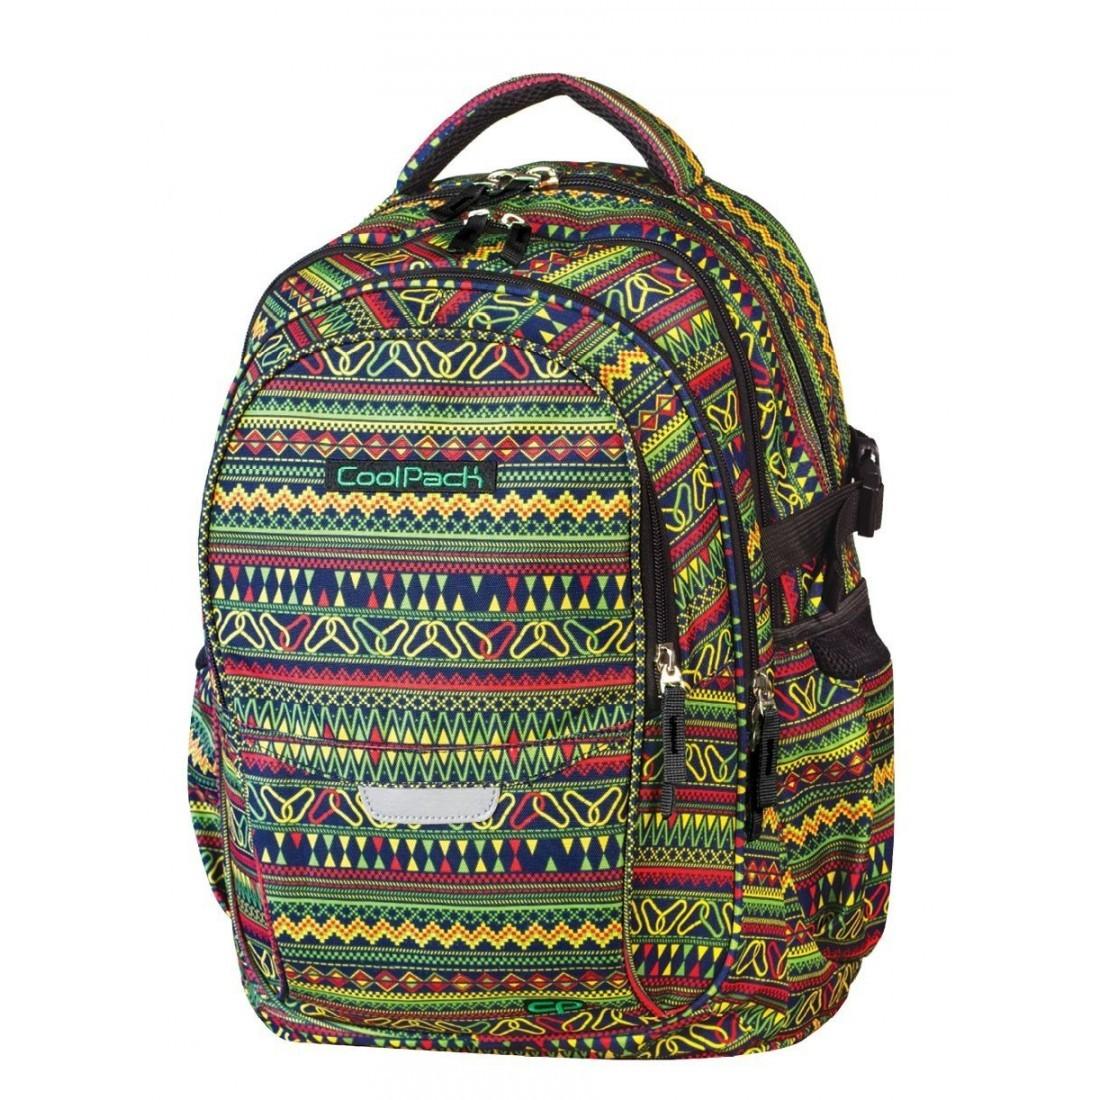 Plecak młodzieżowy CoolPack CP - 4 przegrody FACTOR BOHO 435 - plecak-tornister.pl